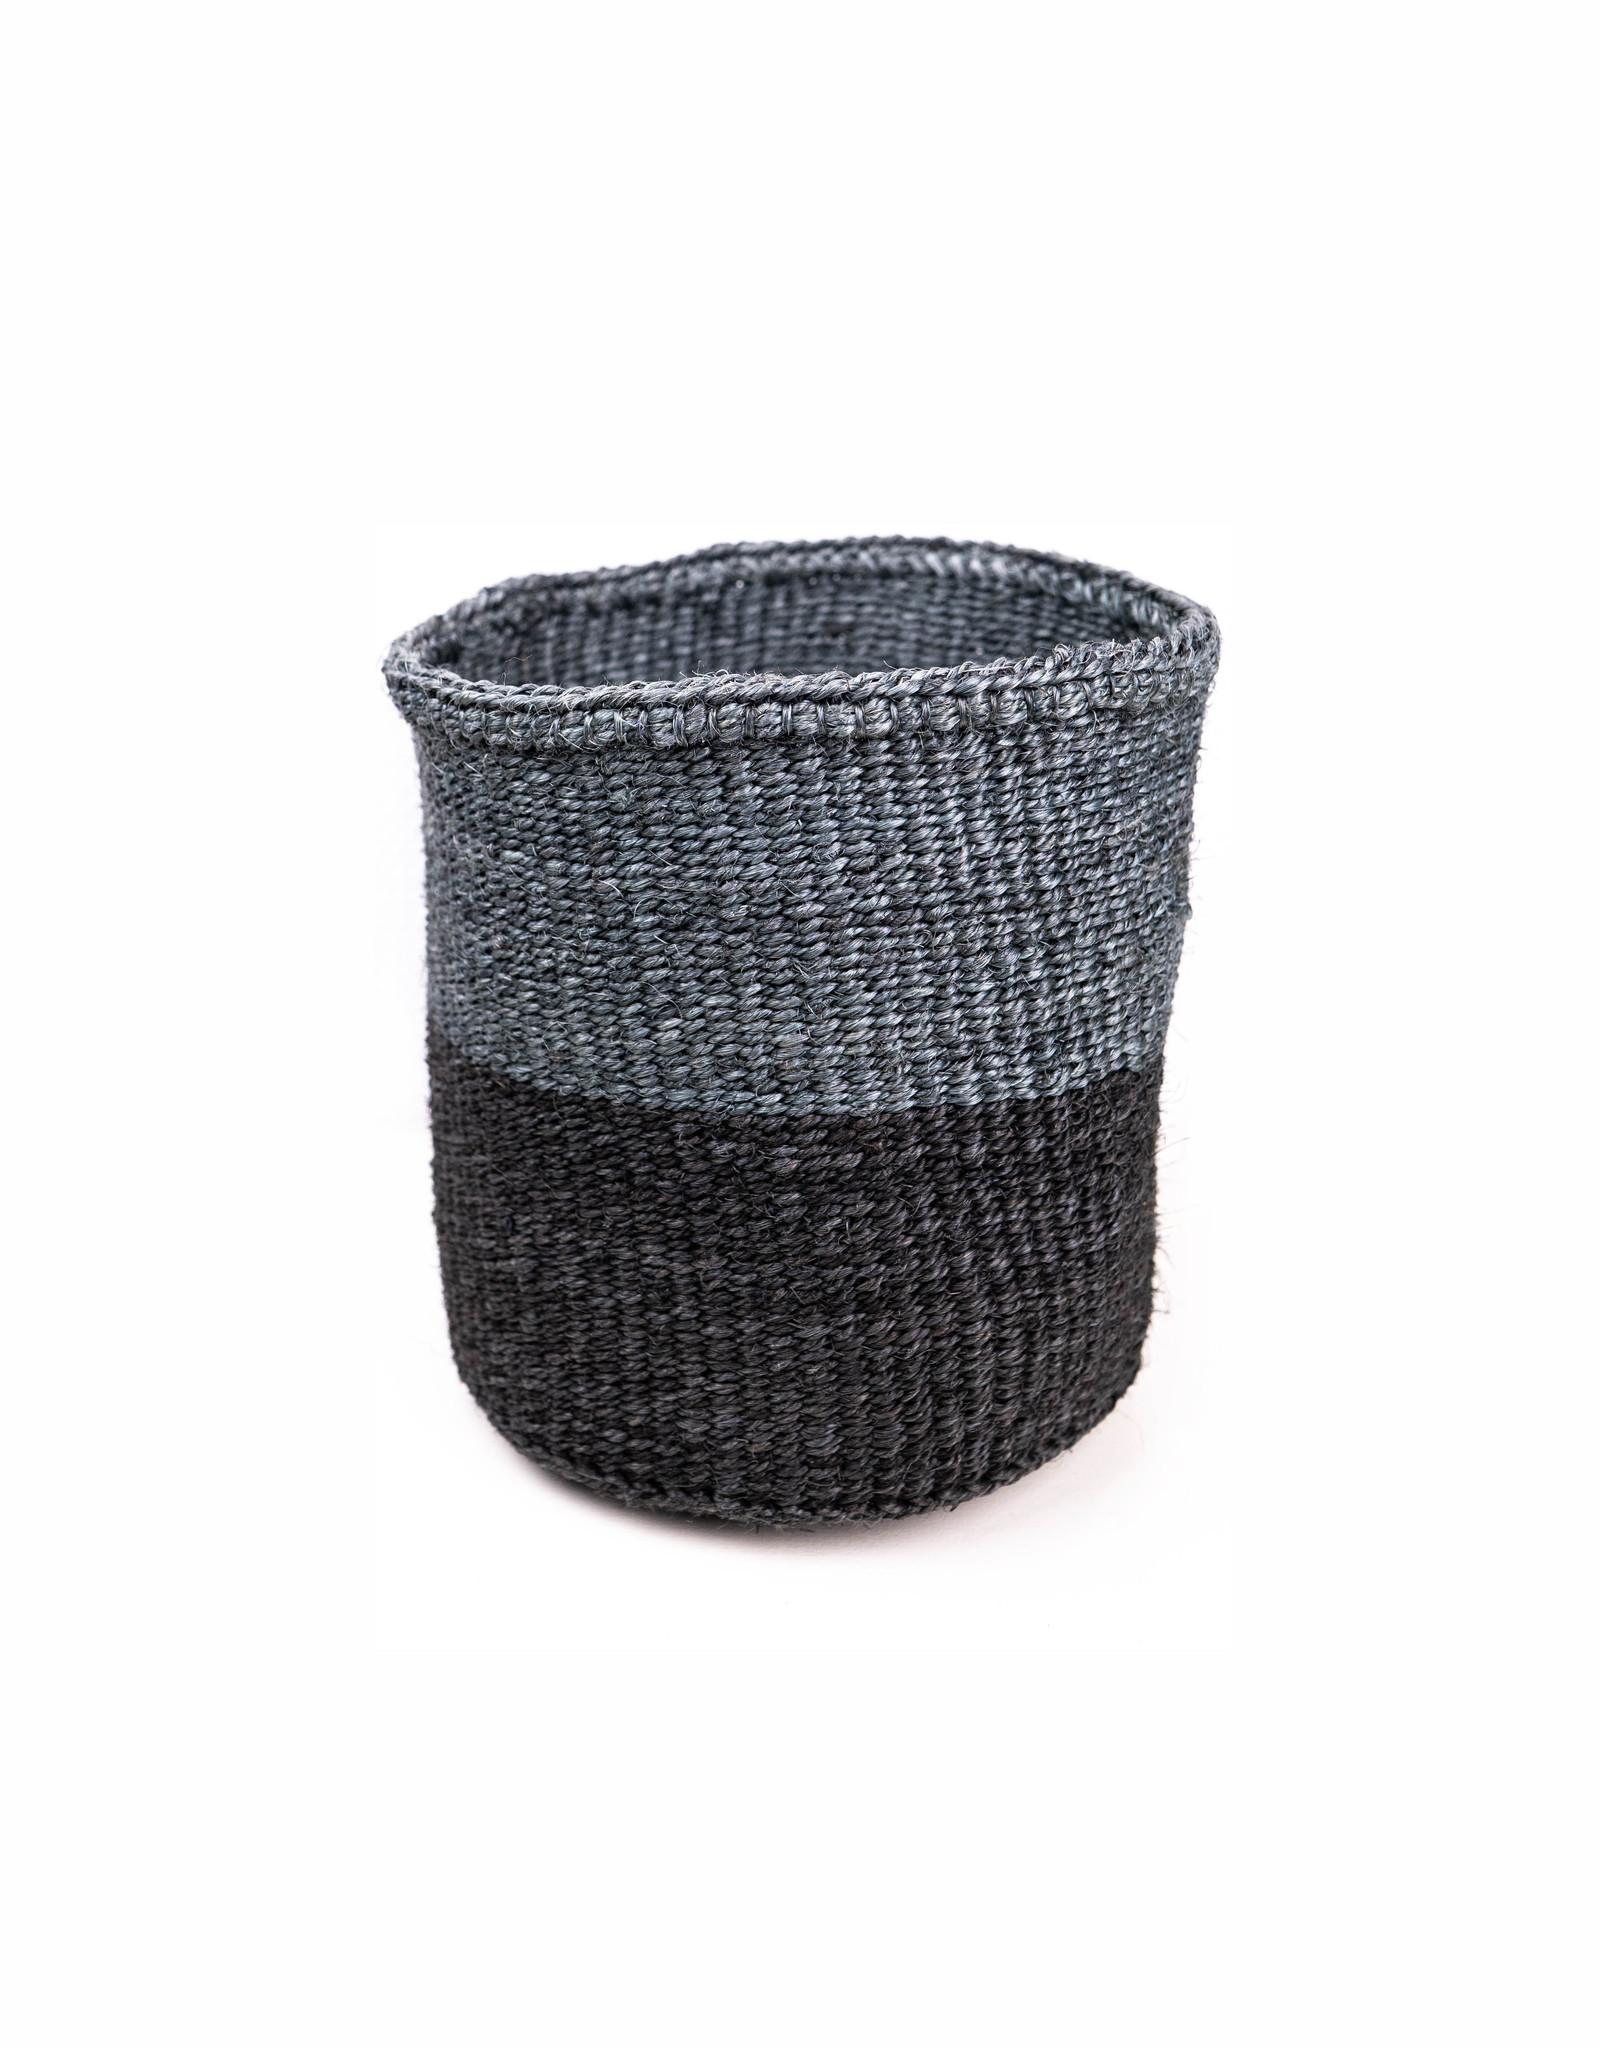 Maisha.Style Taita basket - mouse grey & black - M4